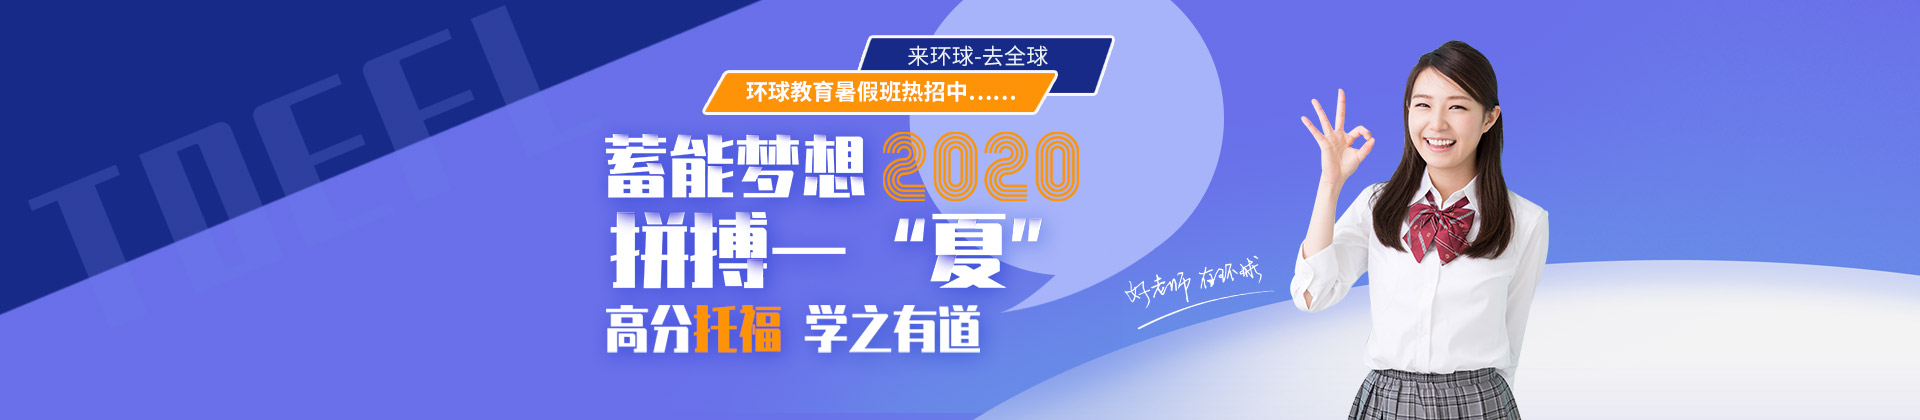 2020年托福暑期班